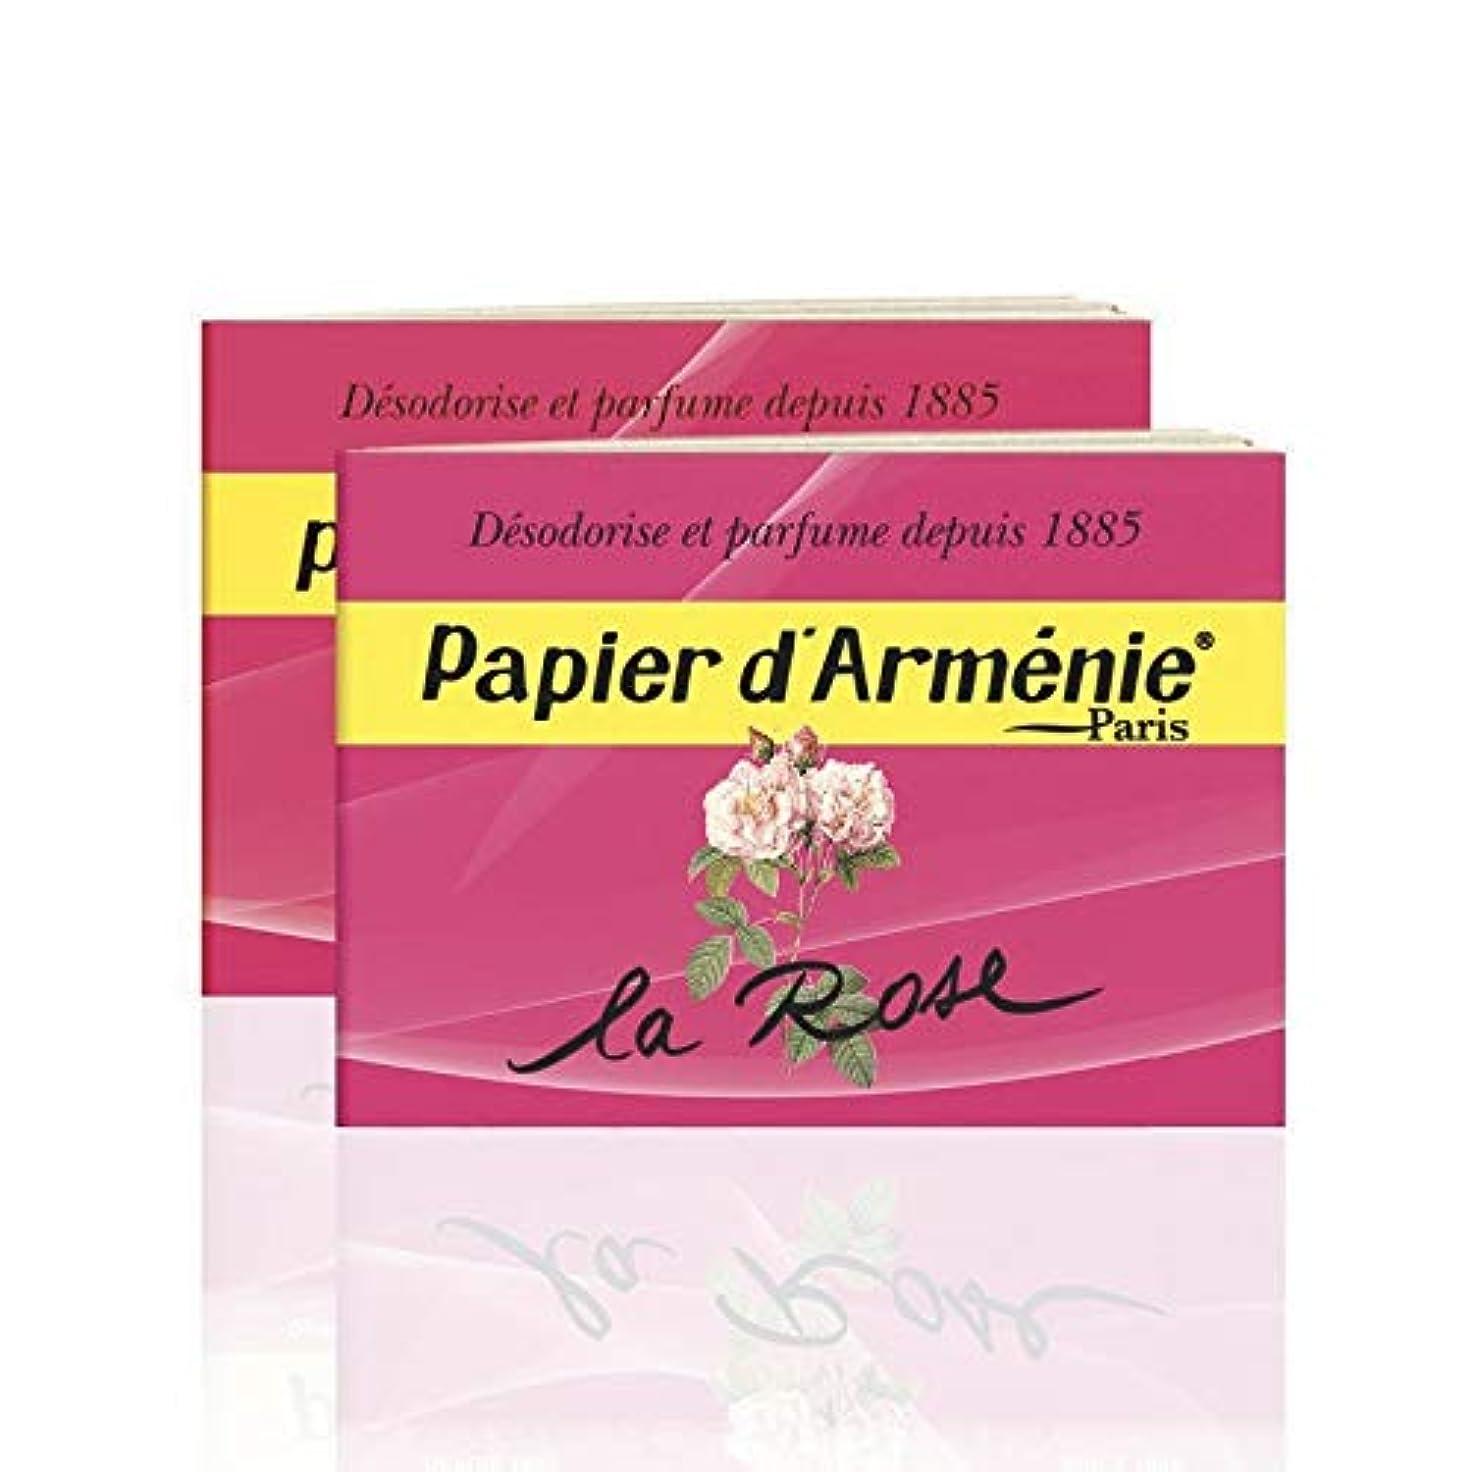 配るファンシー堂々たるパピエダルメニィ ローズ Papier d'Armenie La Rose (3)